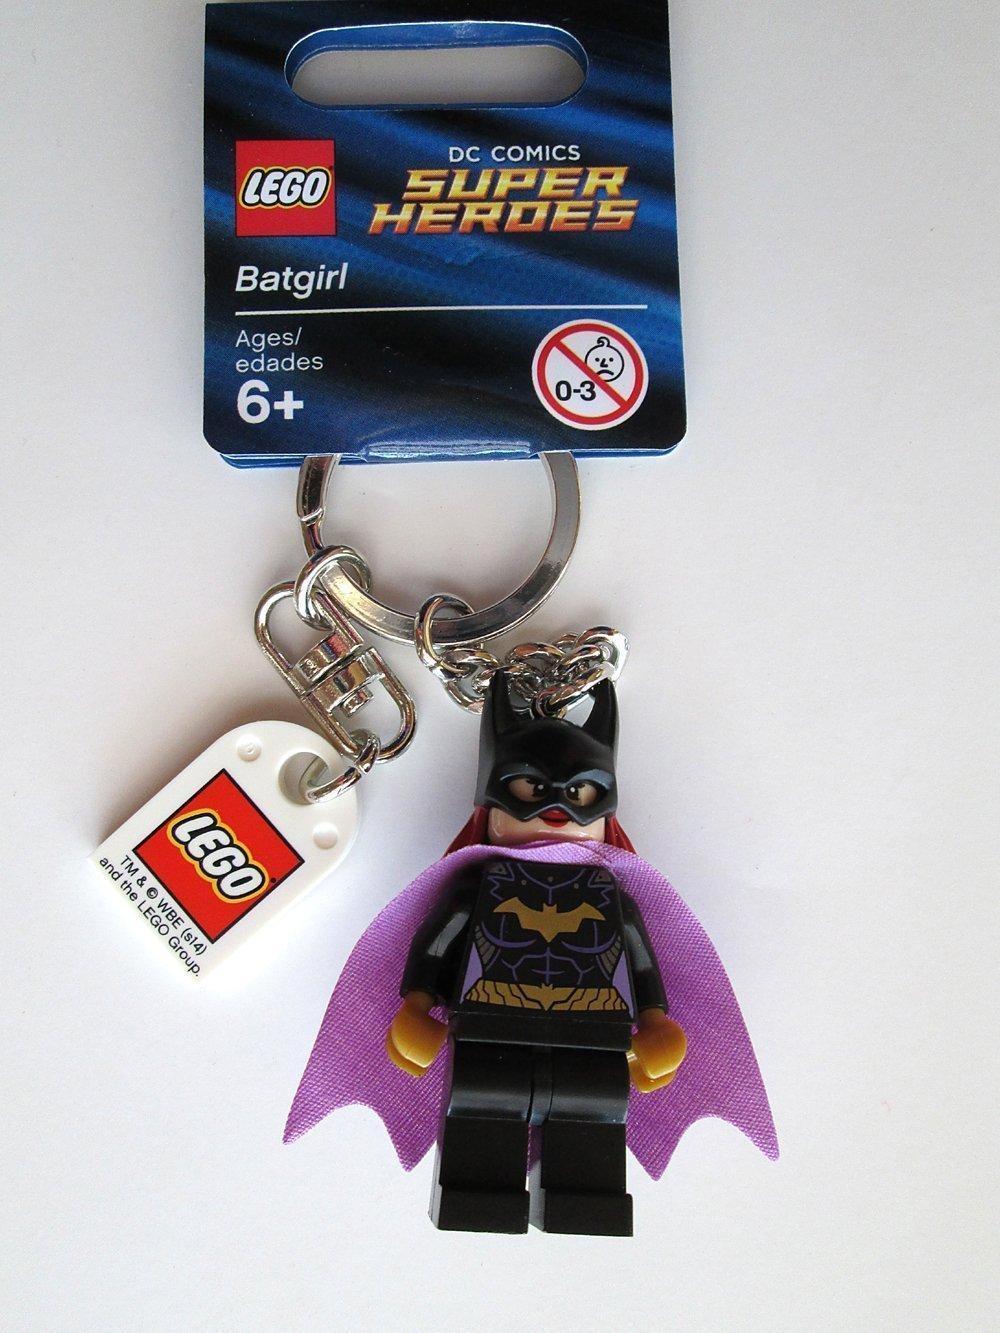 LEGO DC Comics Super Heroes Batgirl Key Chain Juego de construcción - Juegos de construcción (6 año(s))